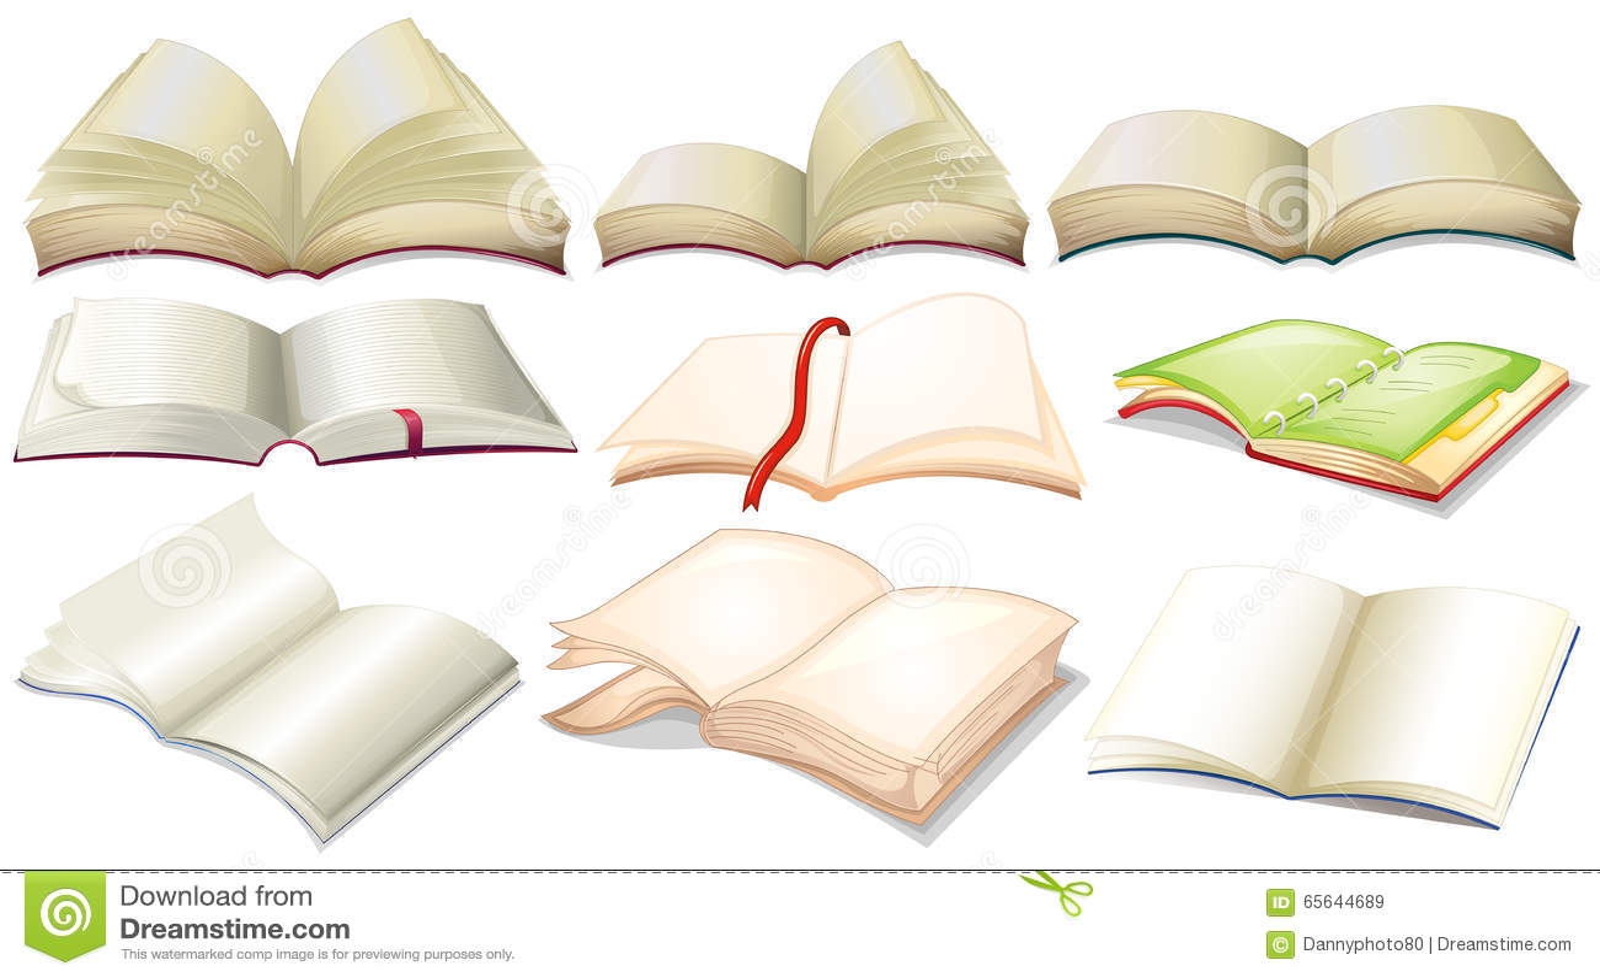 Conception différente des livres et des carnets